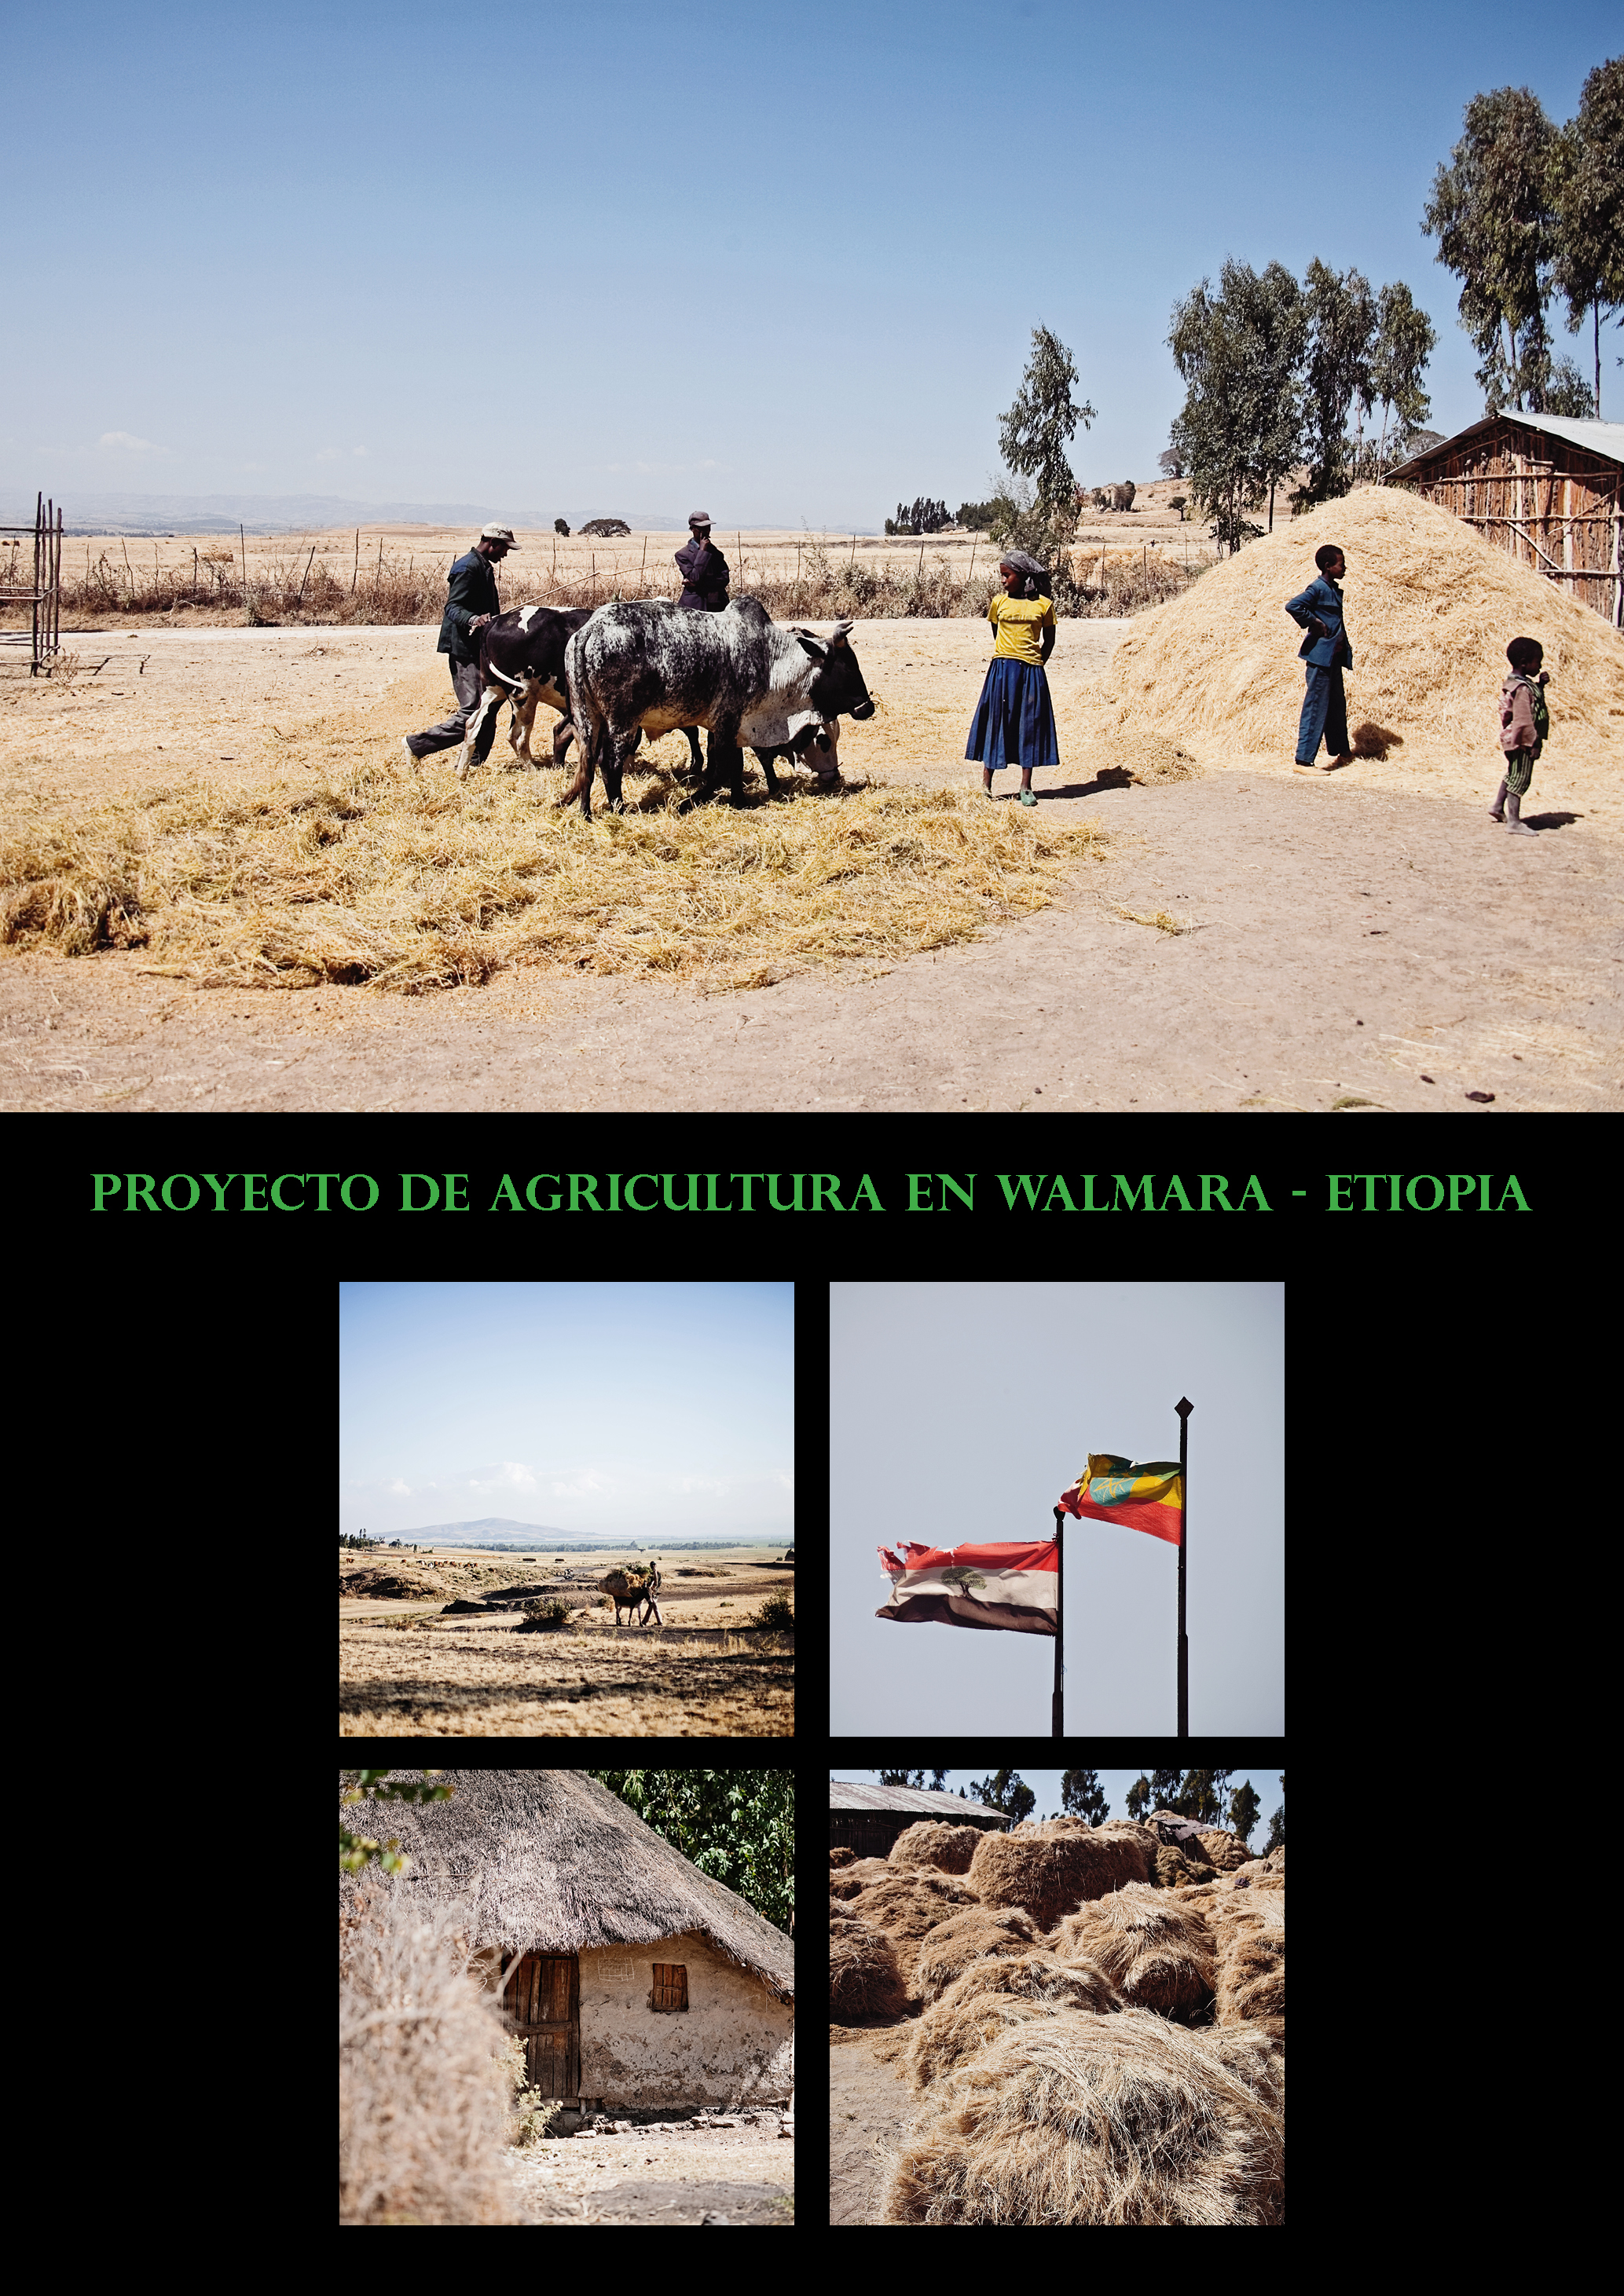 Parcela de demostración agrícola